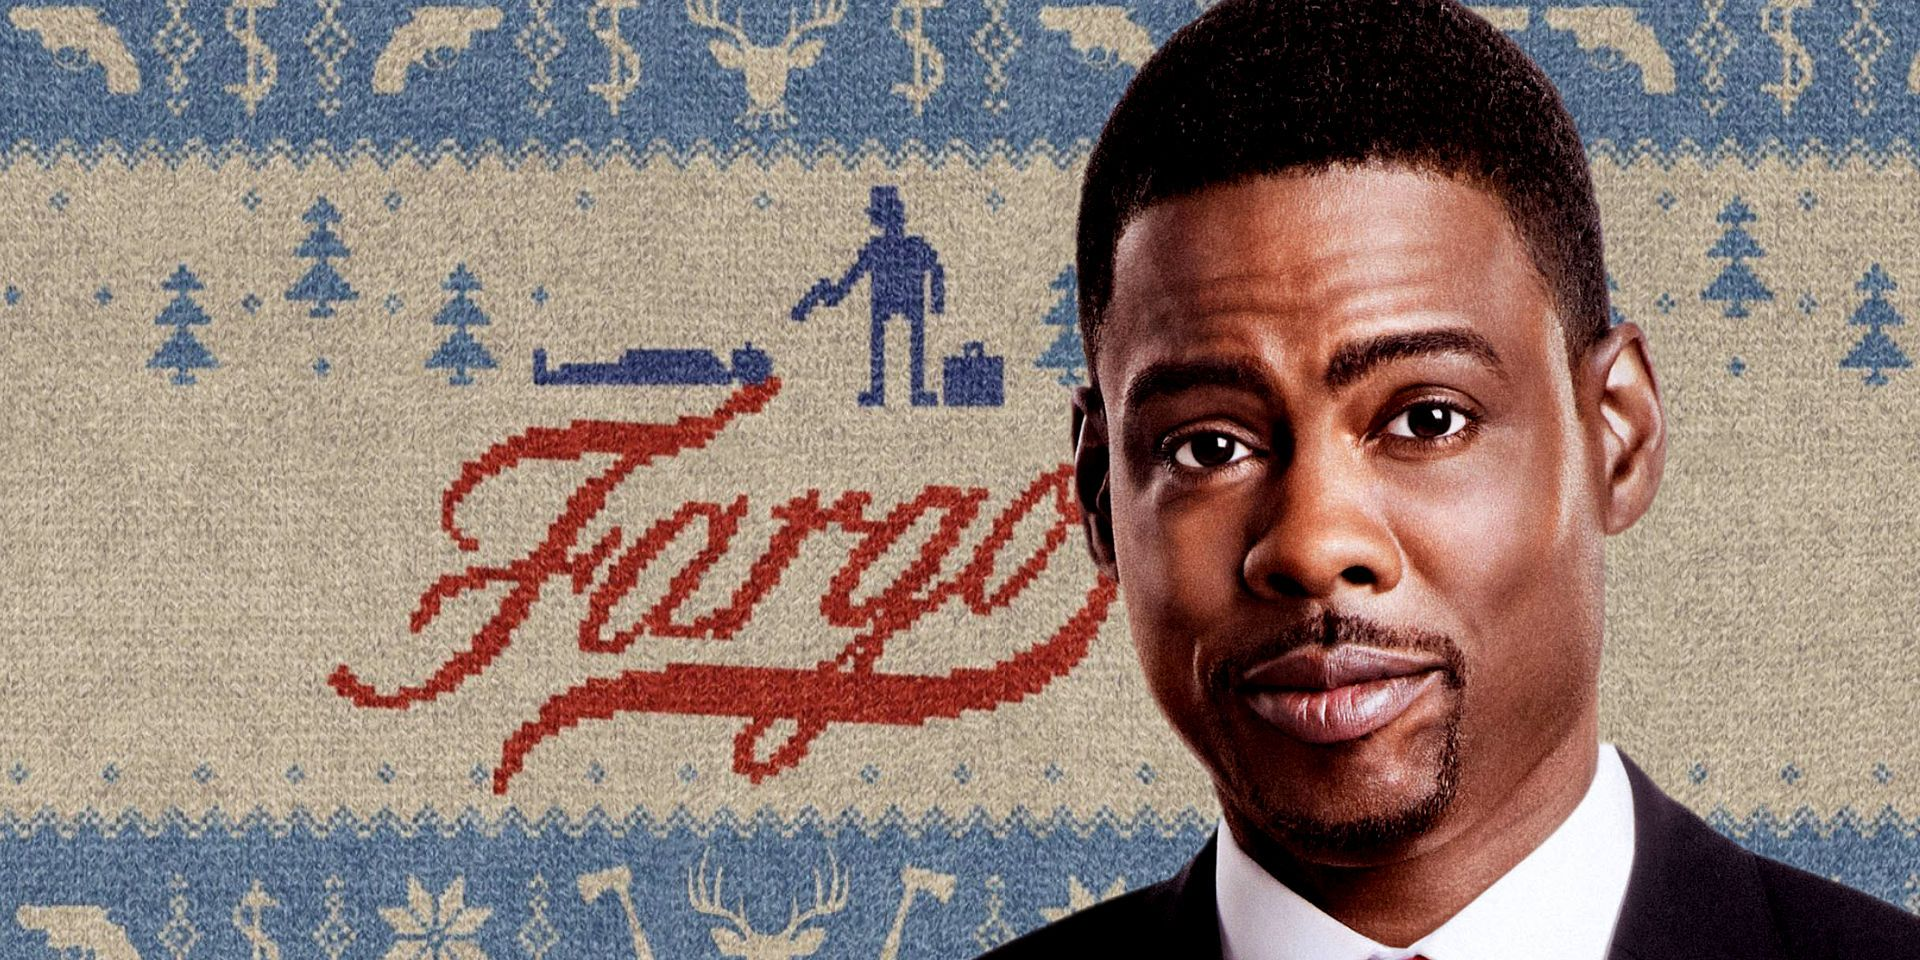 Fargo Season 4: Release Date Info, Story Details, & Cast